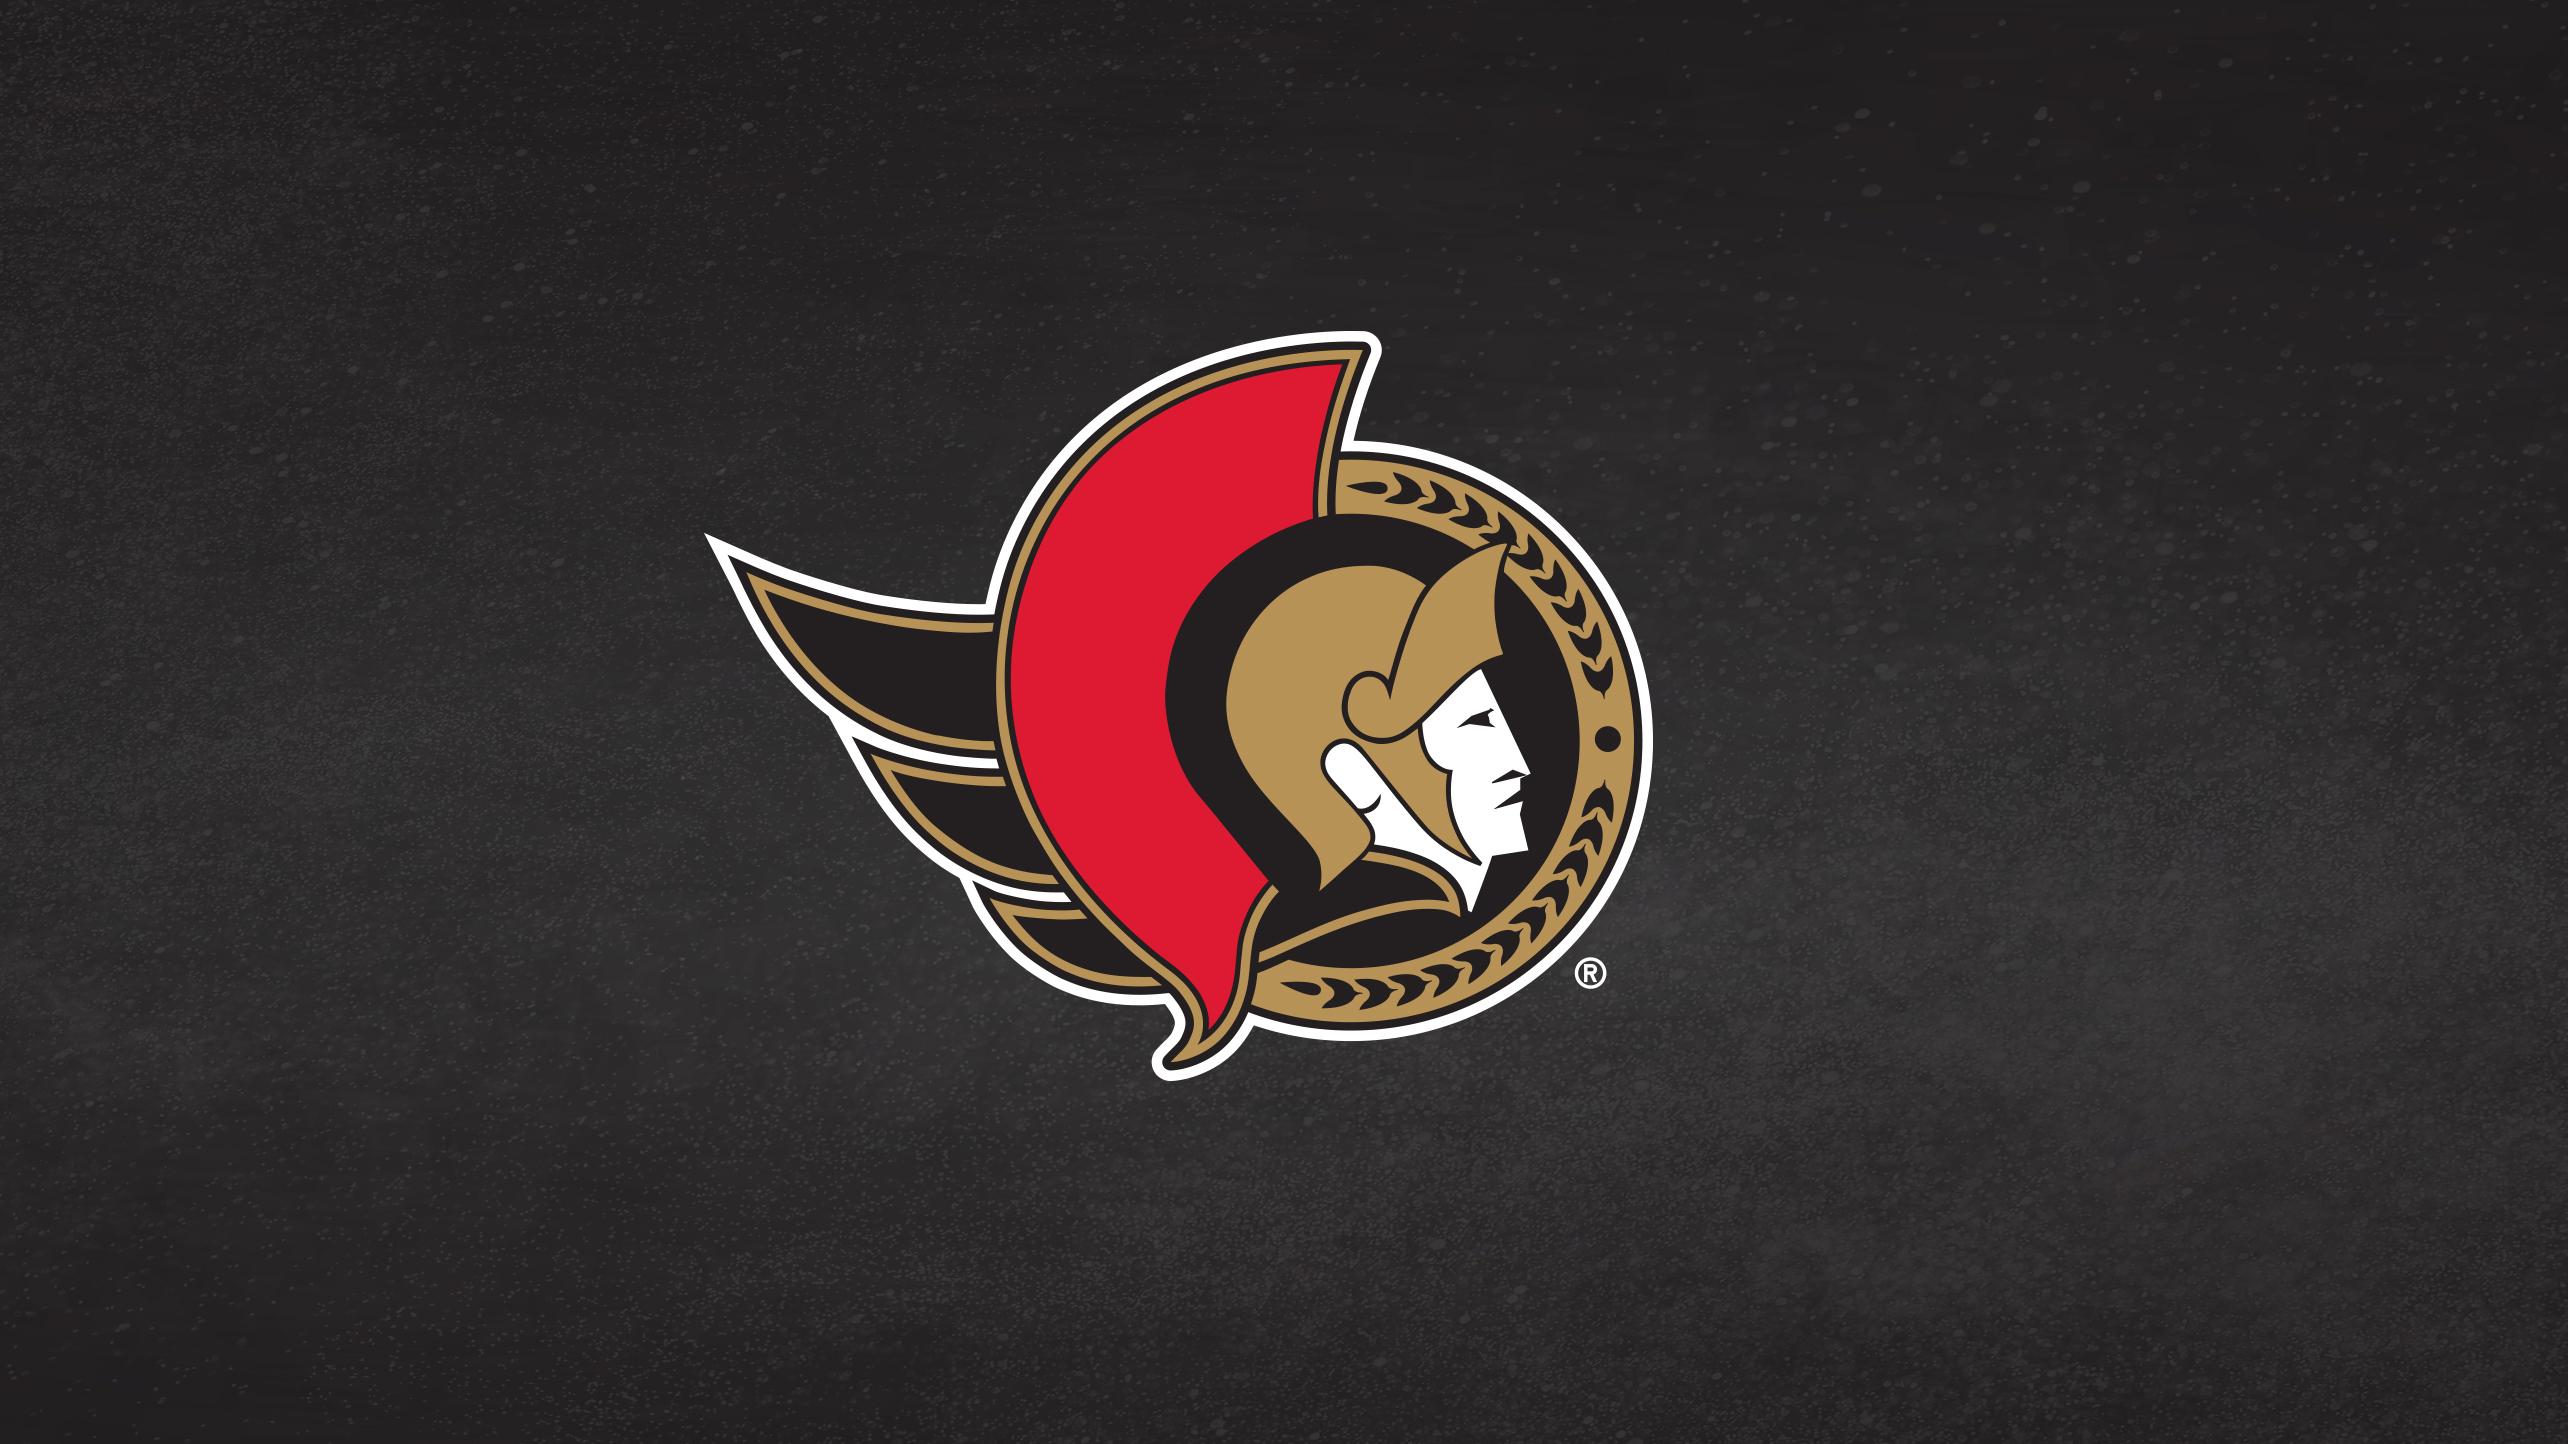 Ottawa Senators 2020-21